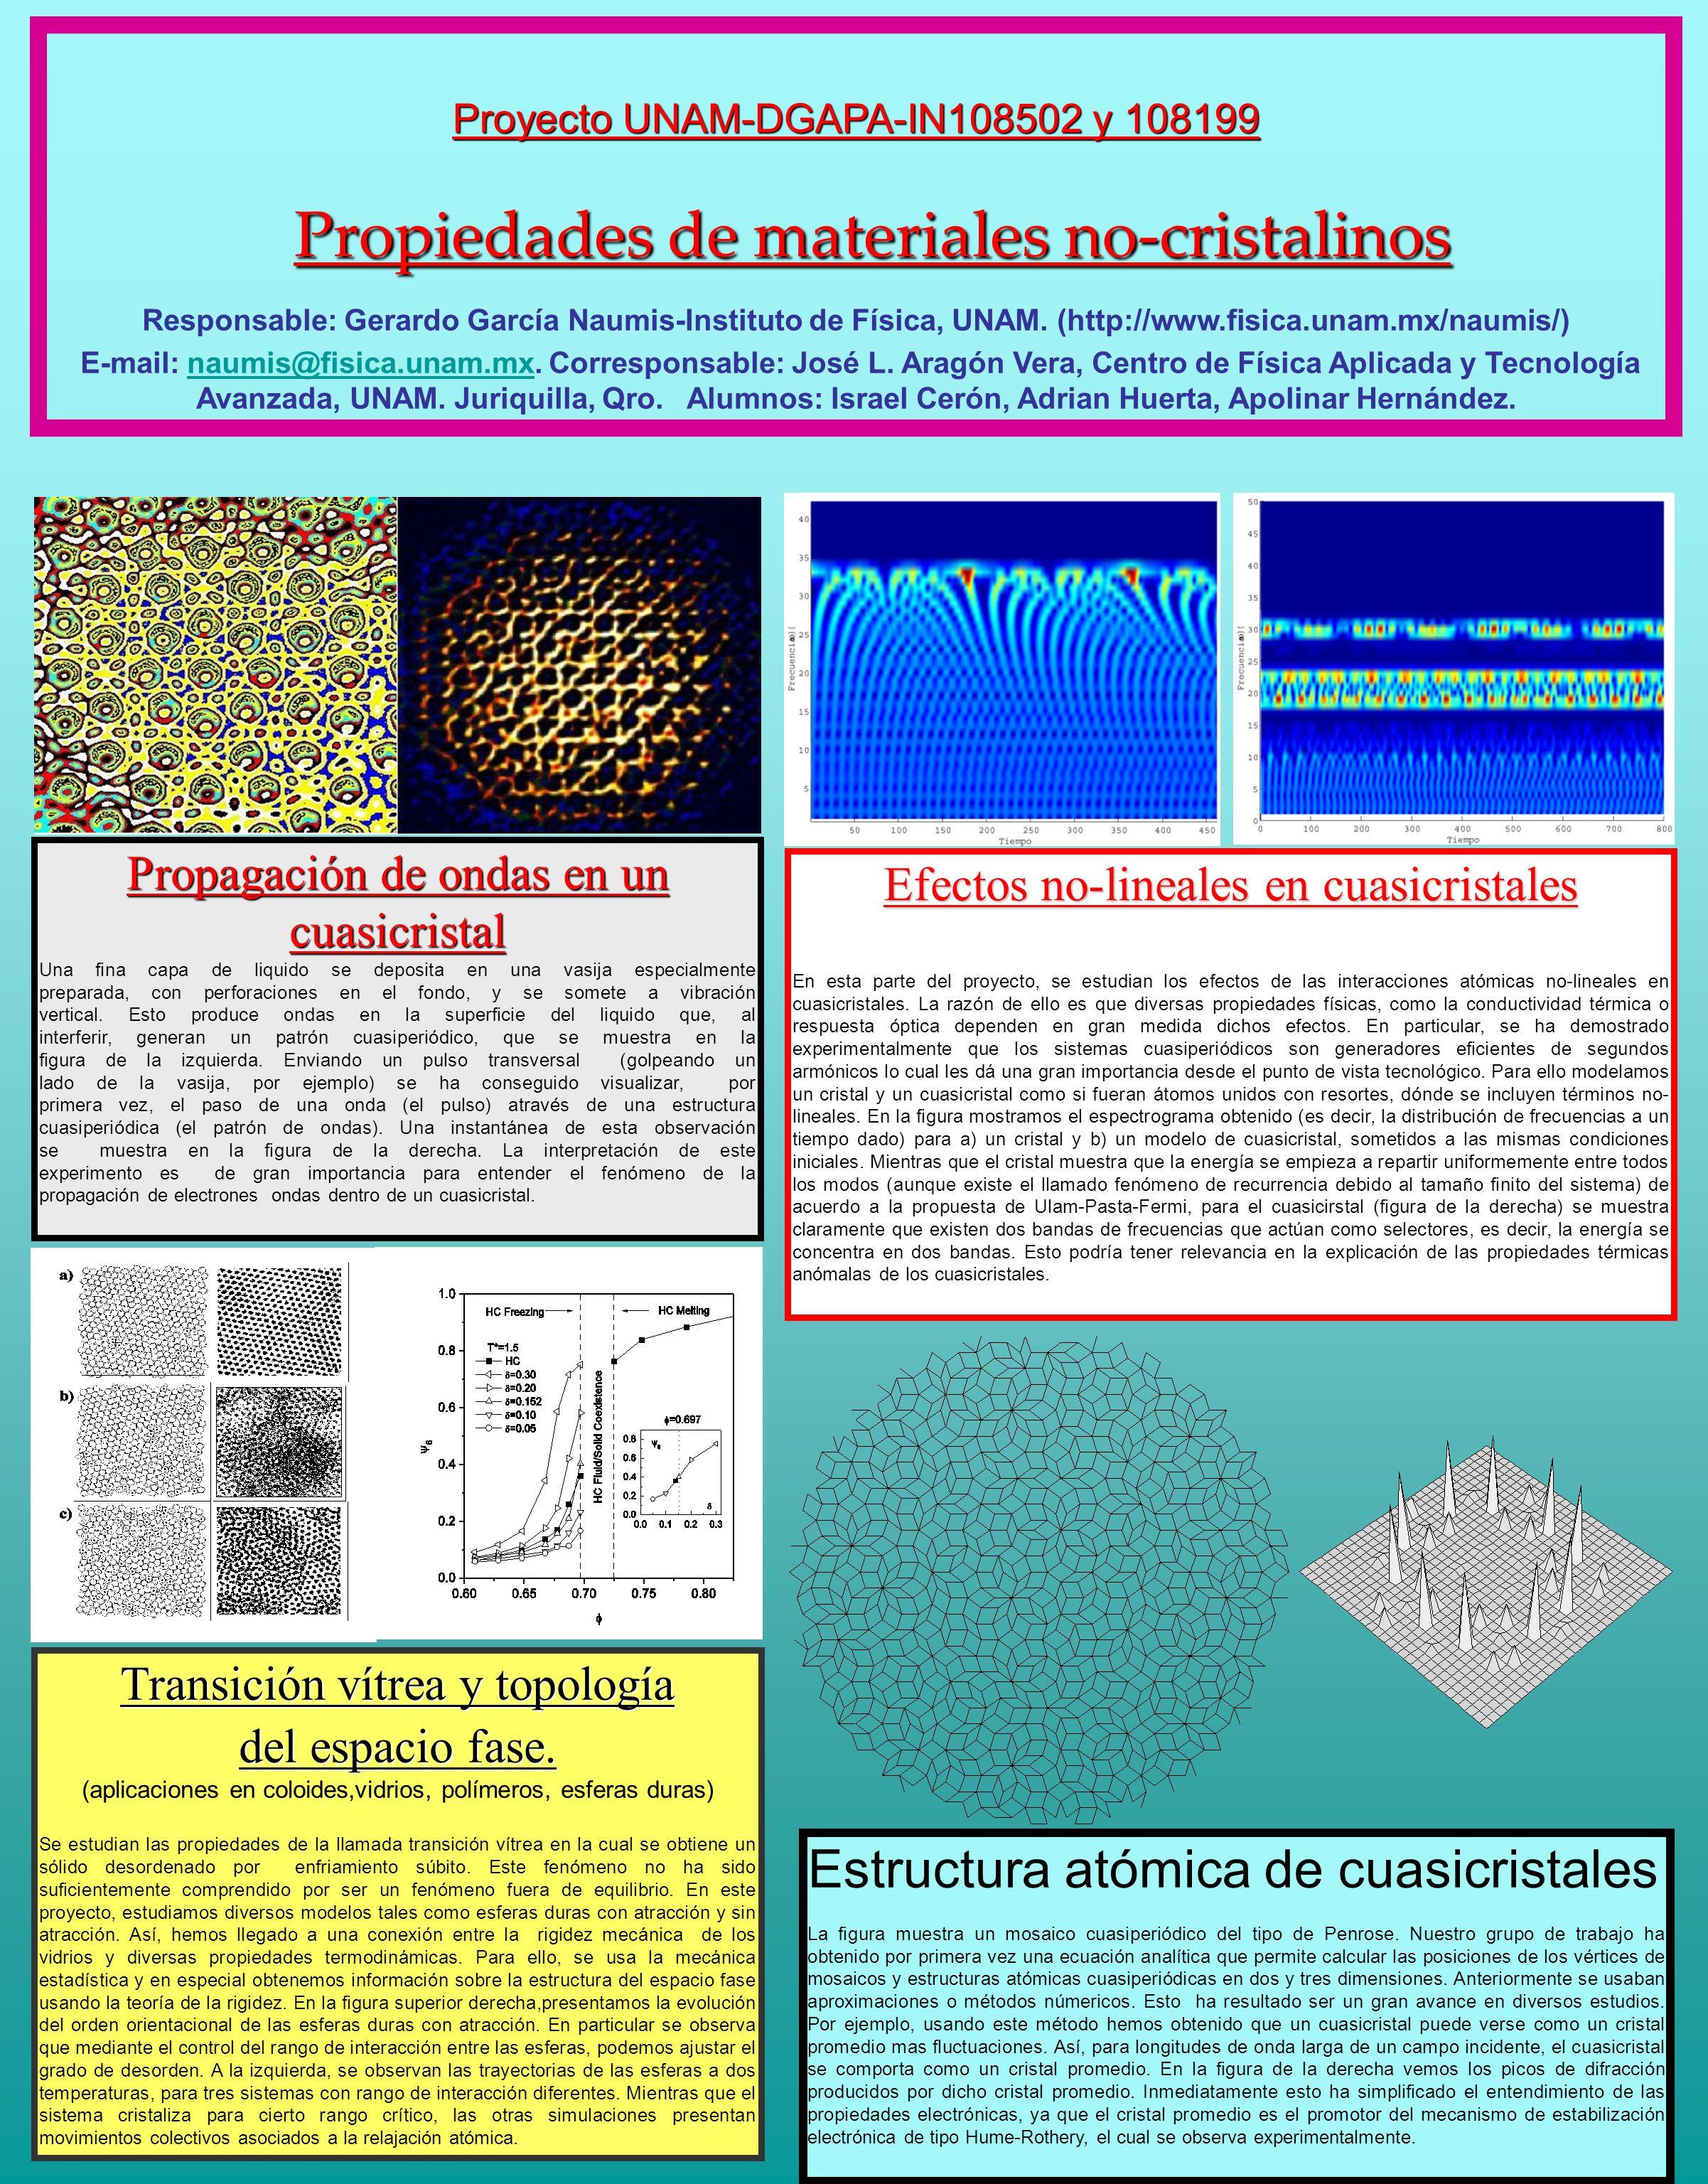 Proyecto UNAM-DGAPA-IN108502 y 108199 Propiedades de materiales no-cristalinos Responsable: Gerardo García Naumis-Instituto de Física, UNAM.